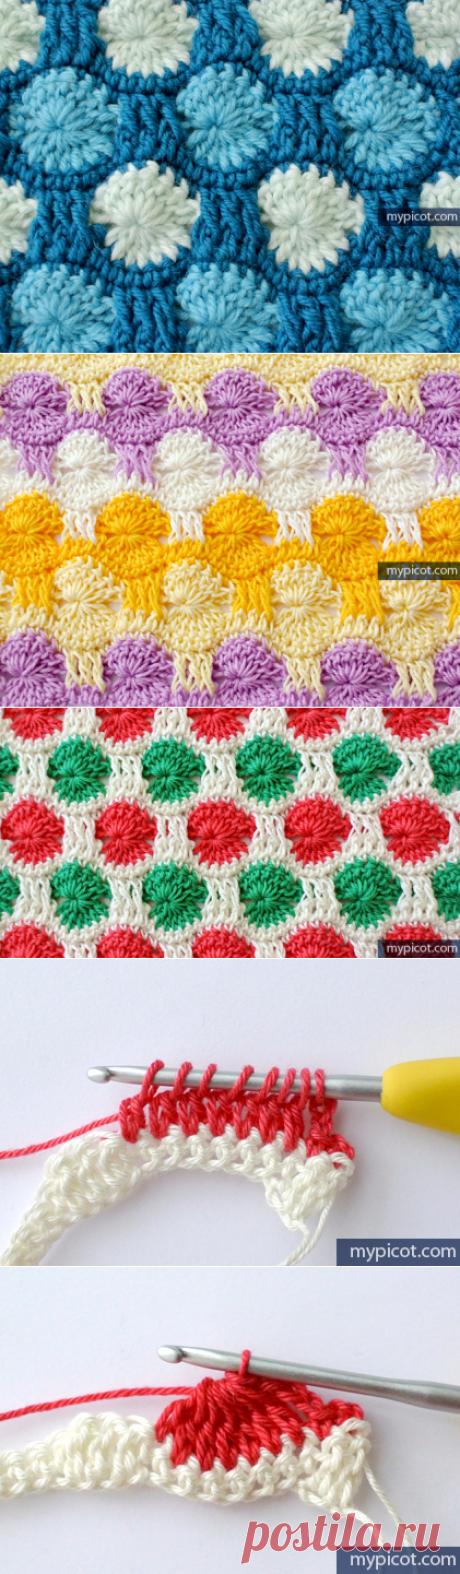 Вязание Разноцветные строчки. Узор крючком.